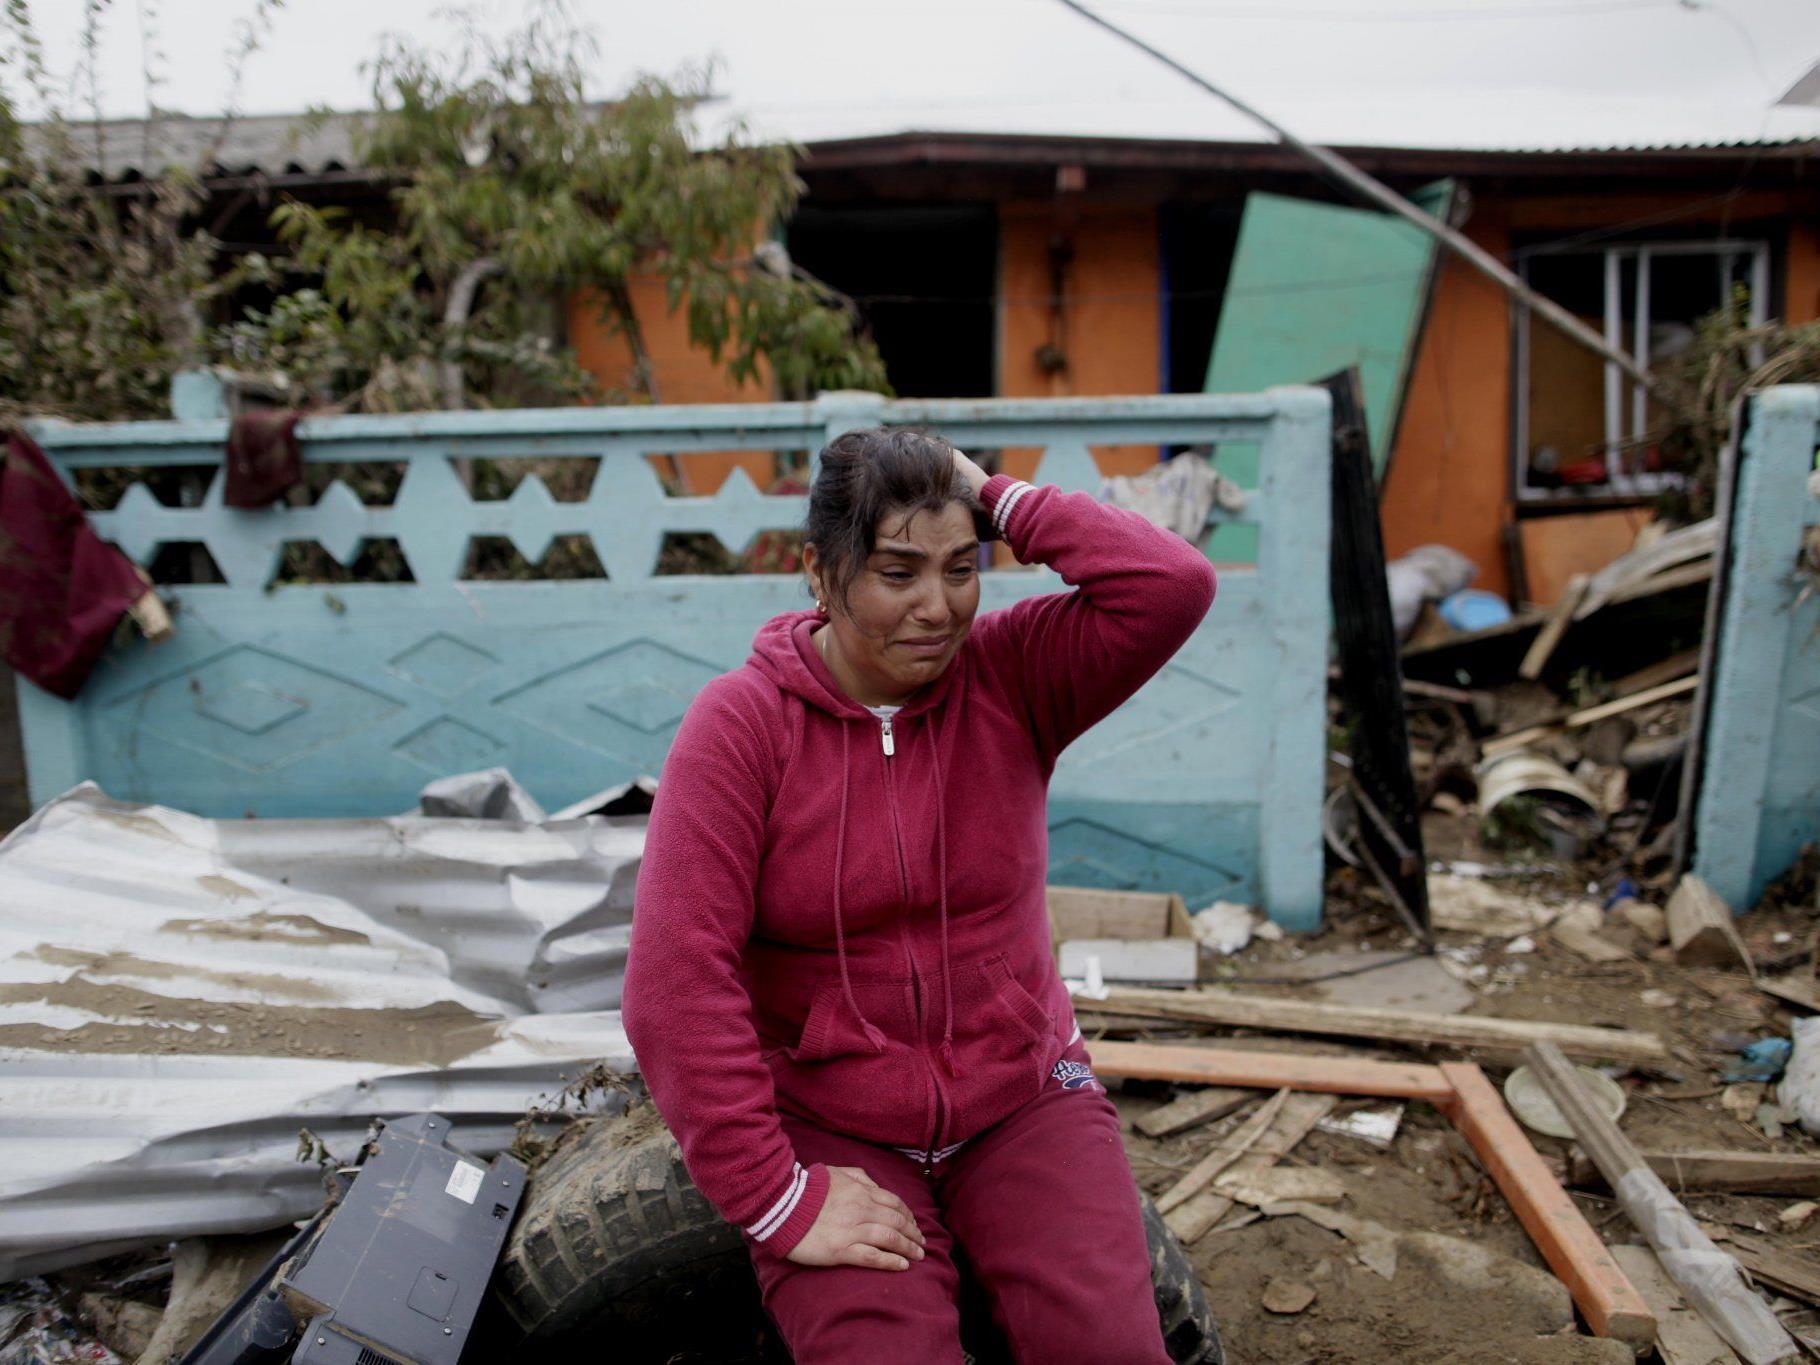 Das letzte Erdbeben in Chile (2010) forderte mehr als 250 Menschenleben.